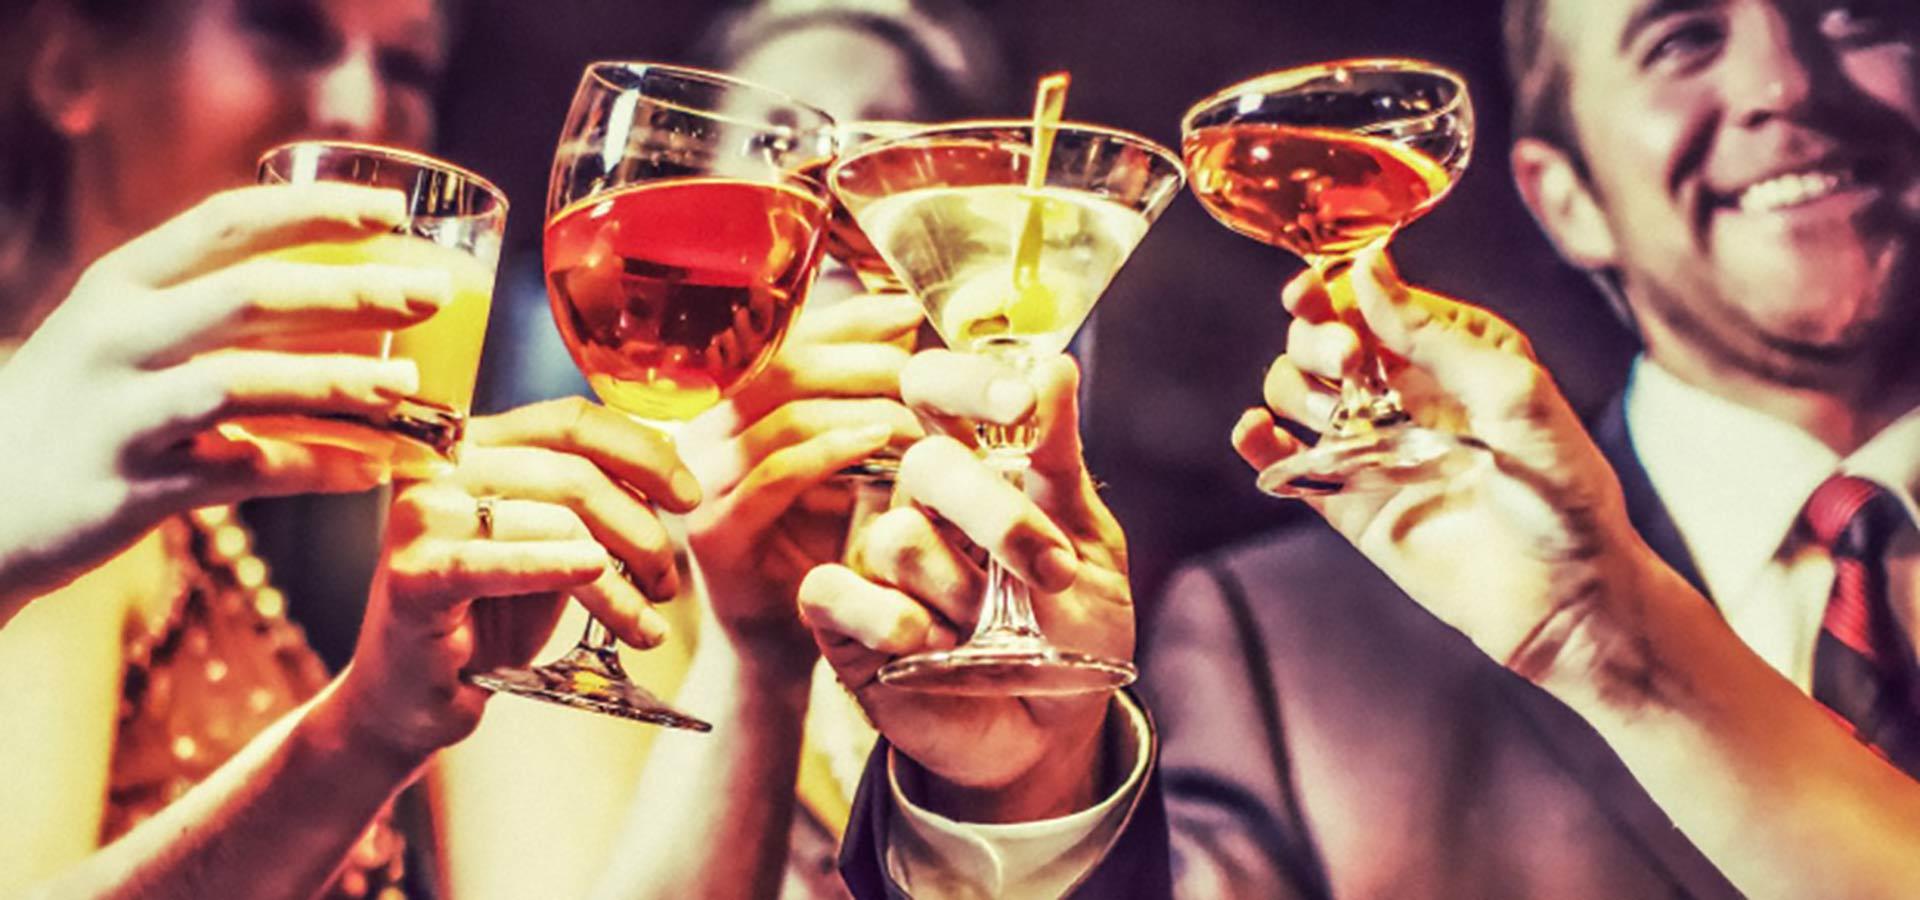 Foto di persone che festeggiano a un aperitivo a Milano